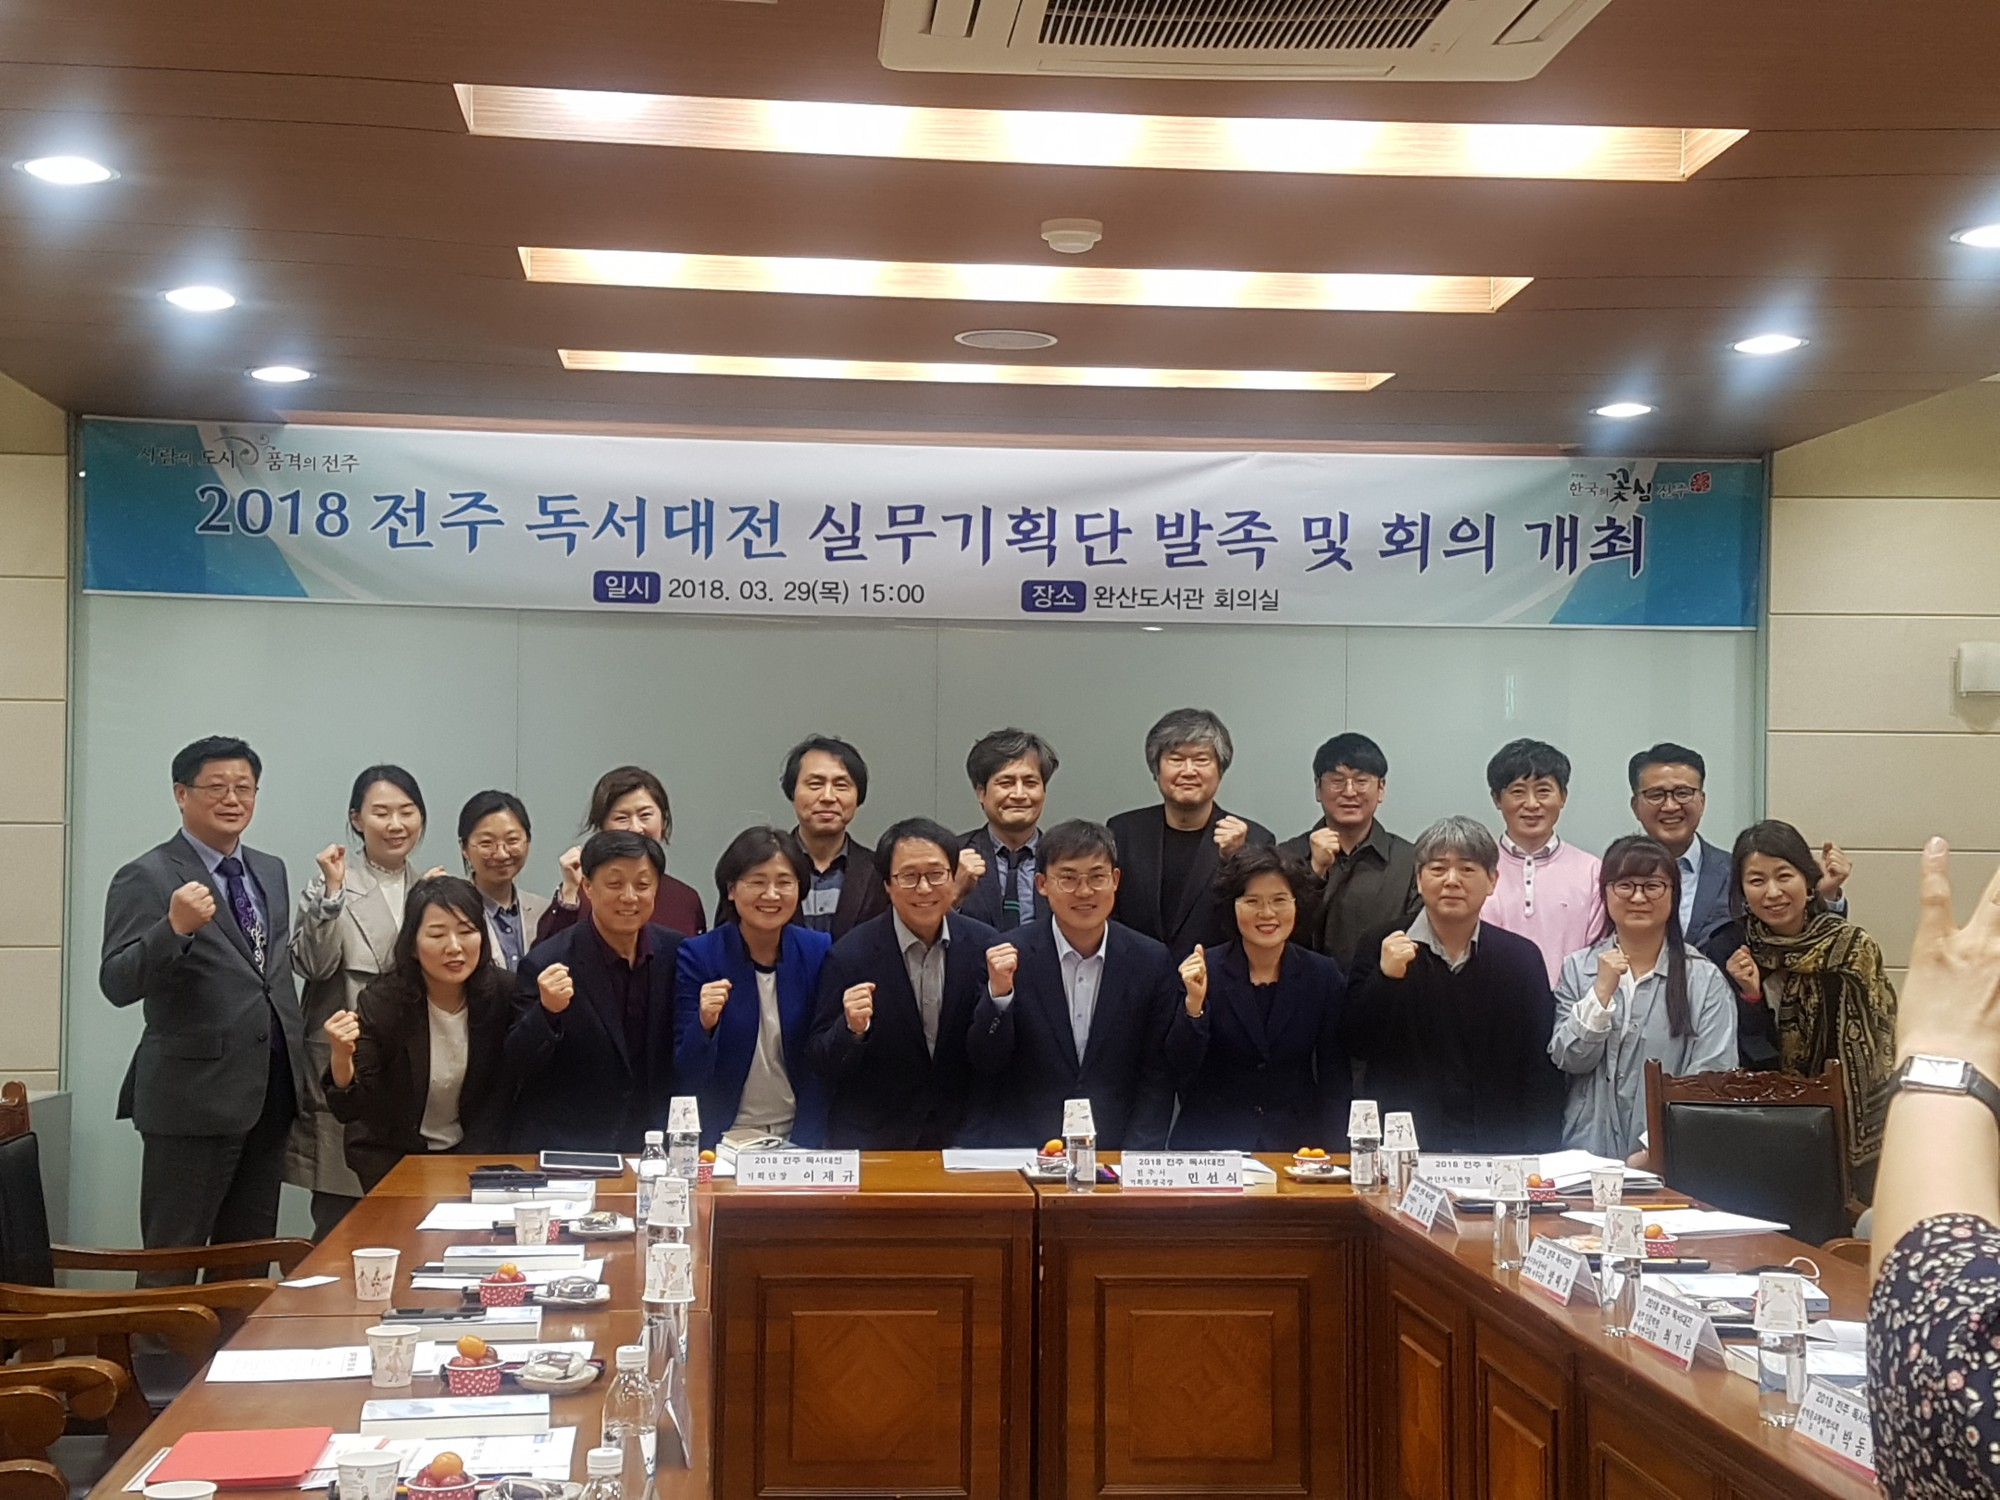 2018 전주 독서대전 실무기획단 발족